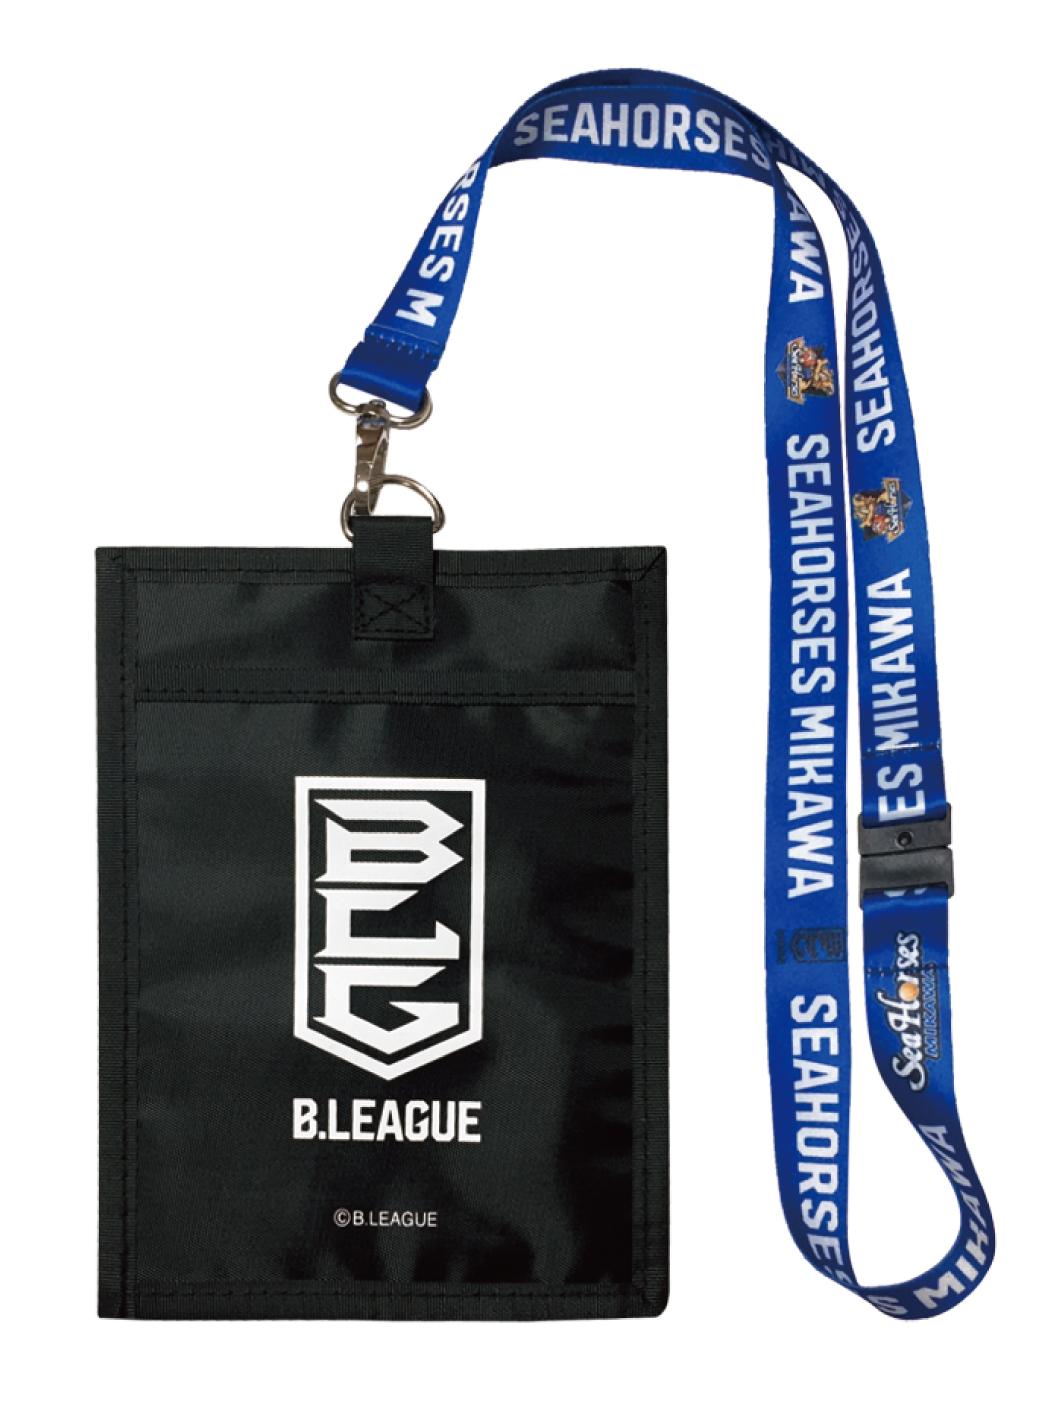 B.LEAGUE チケットホルダー シーホース三河 【メール便可能】